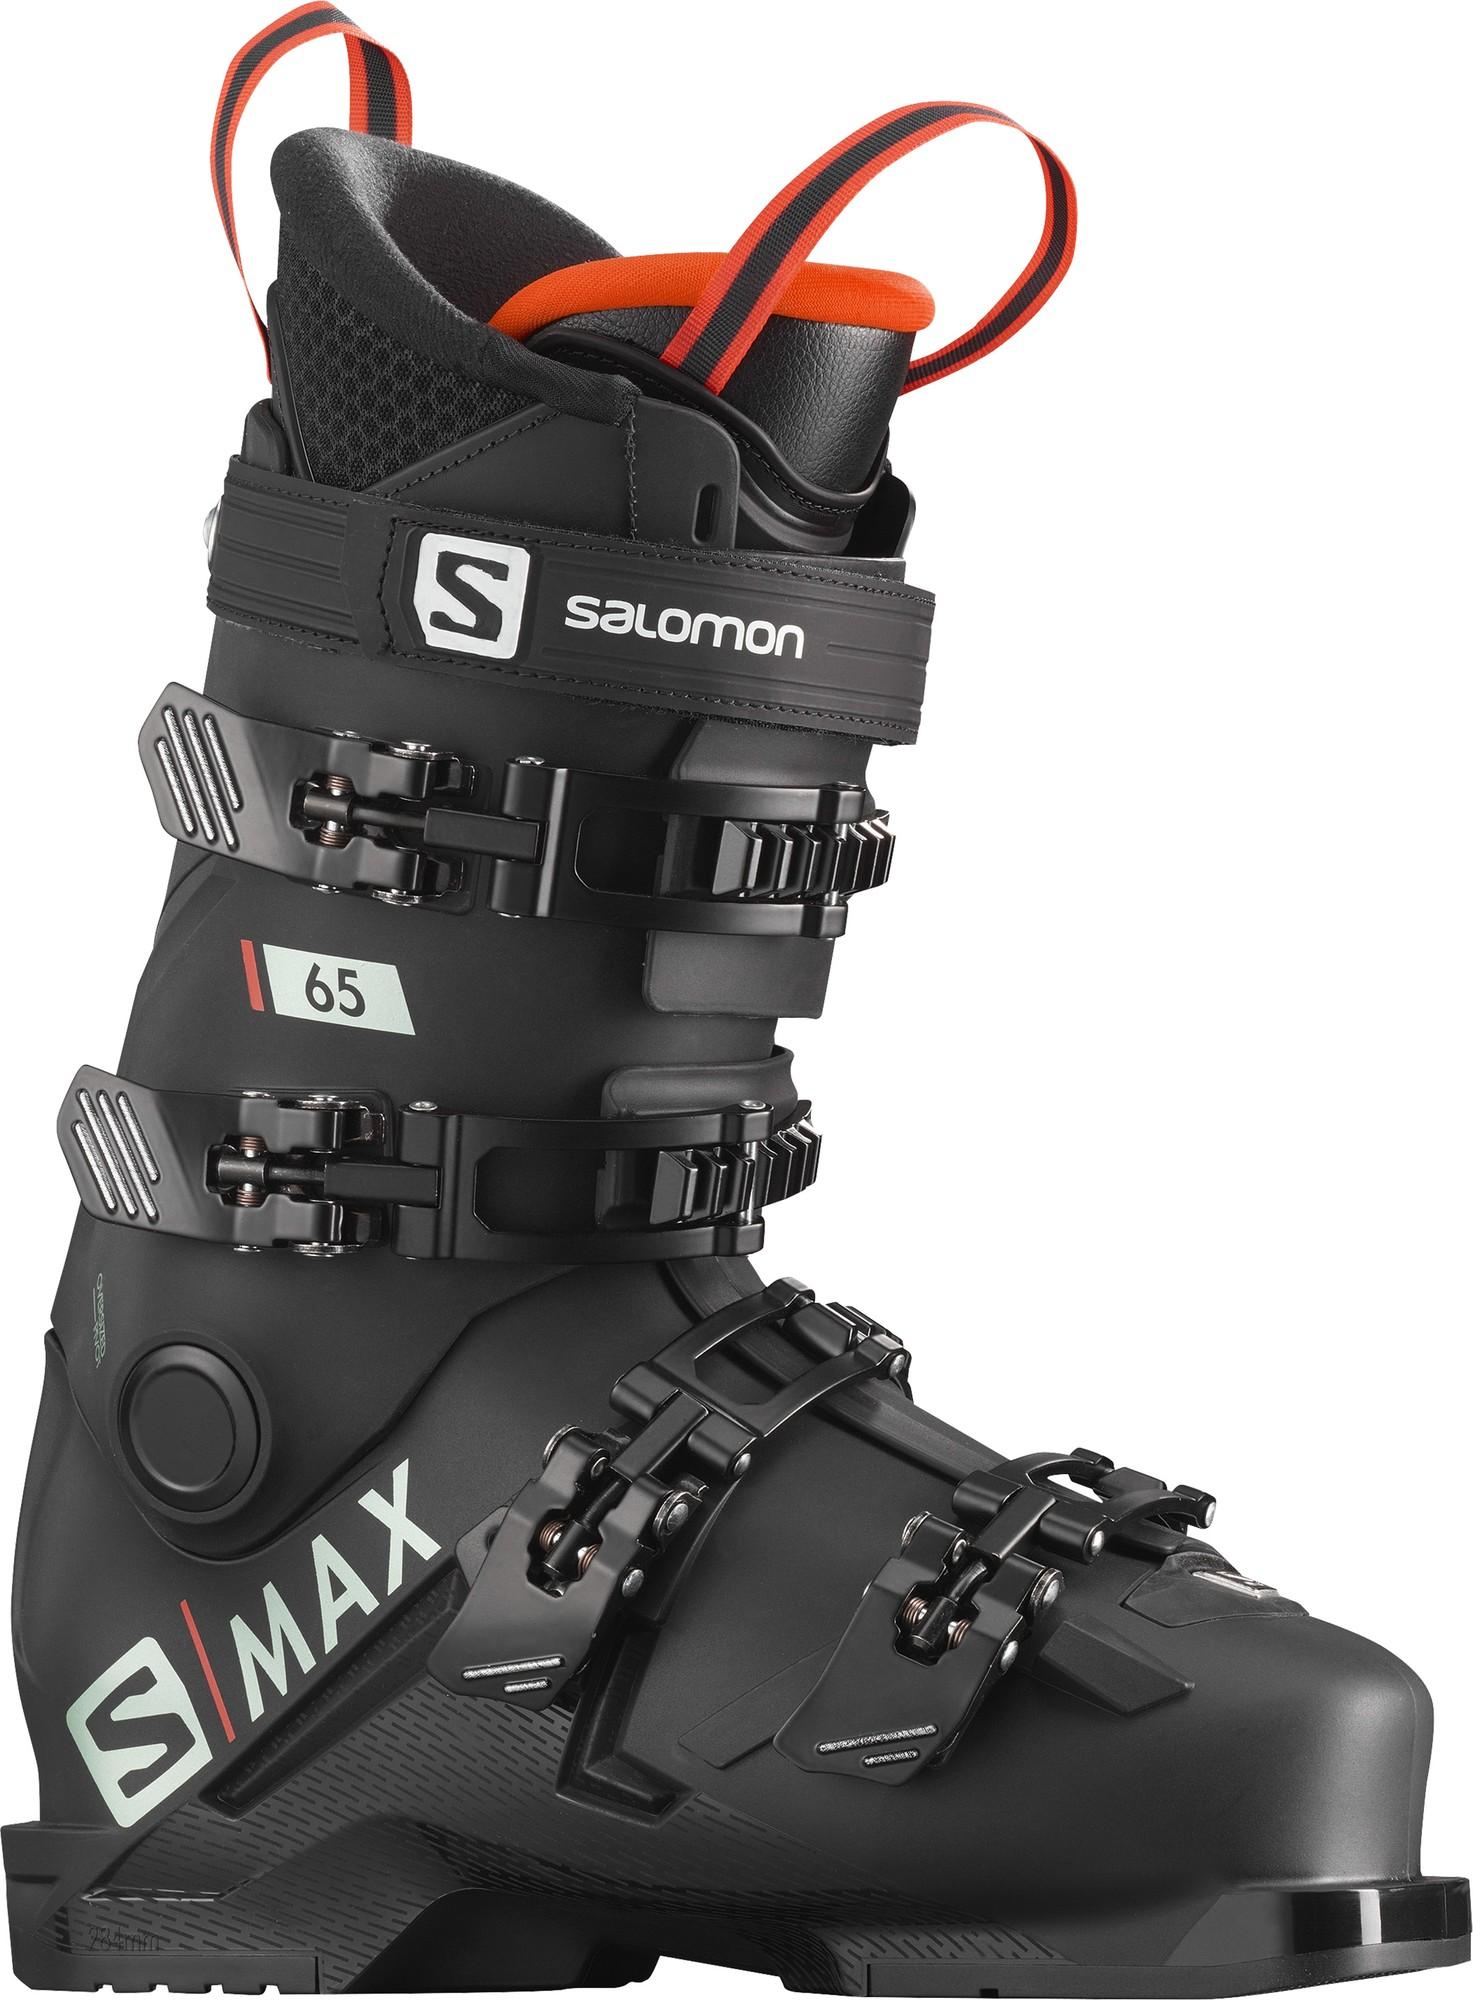 Salomon Ботинки горнолыжные детские S/MAX 65, размер 25 см